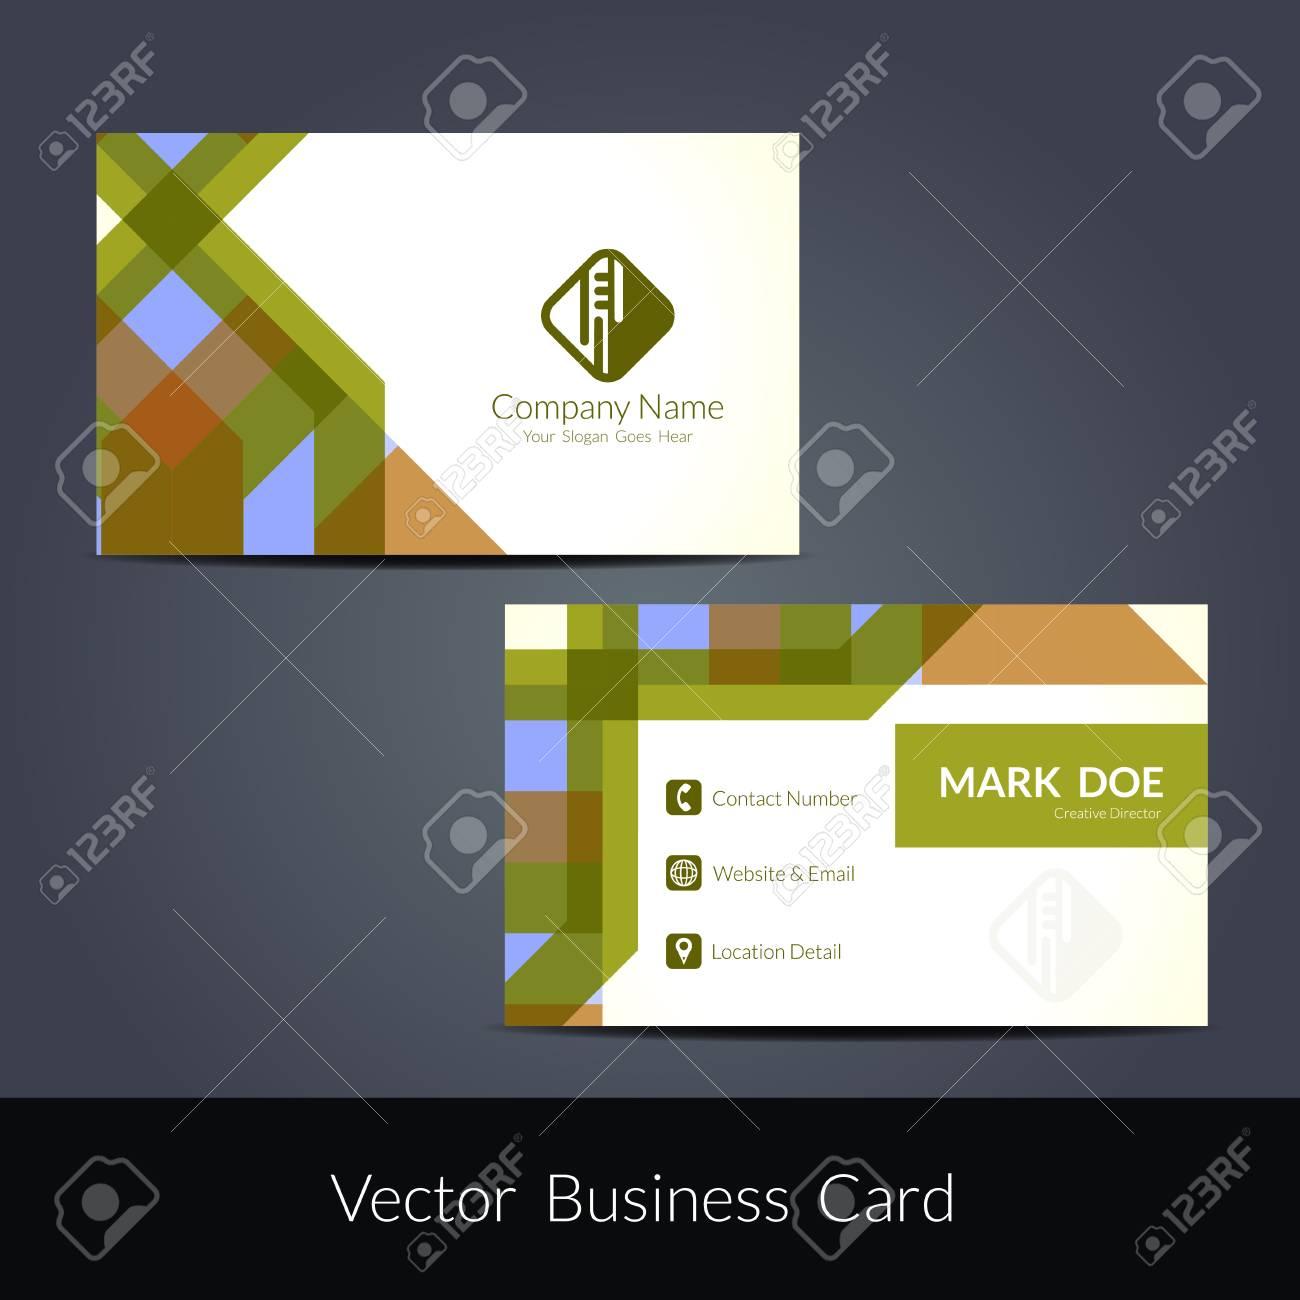 Presentation of visiting card design - 51326884